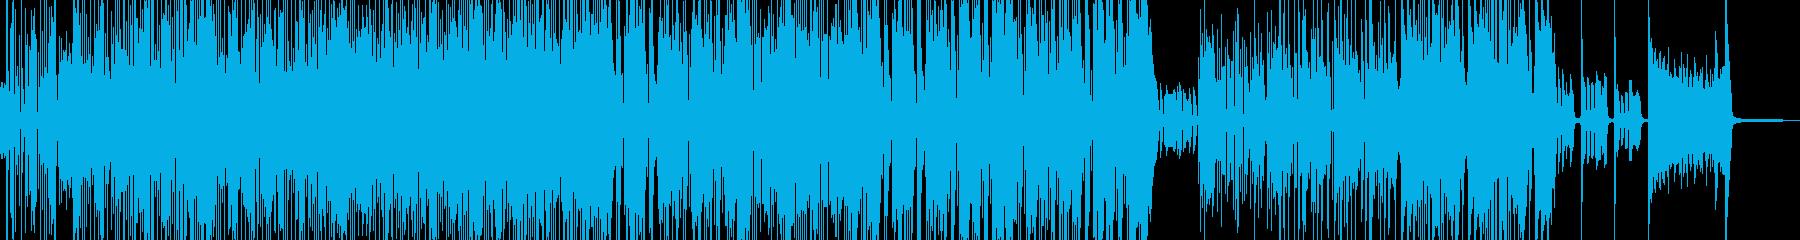 賑やかでハイテンションなスカポップ Dの再生済みの波形